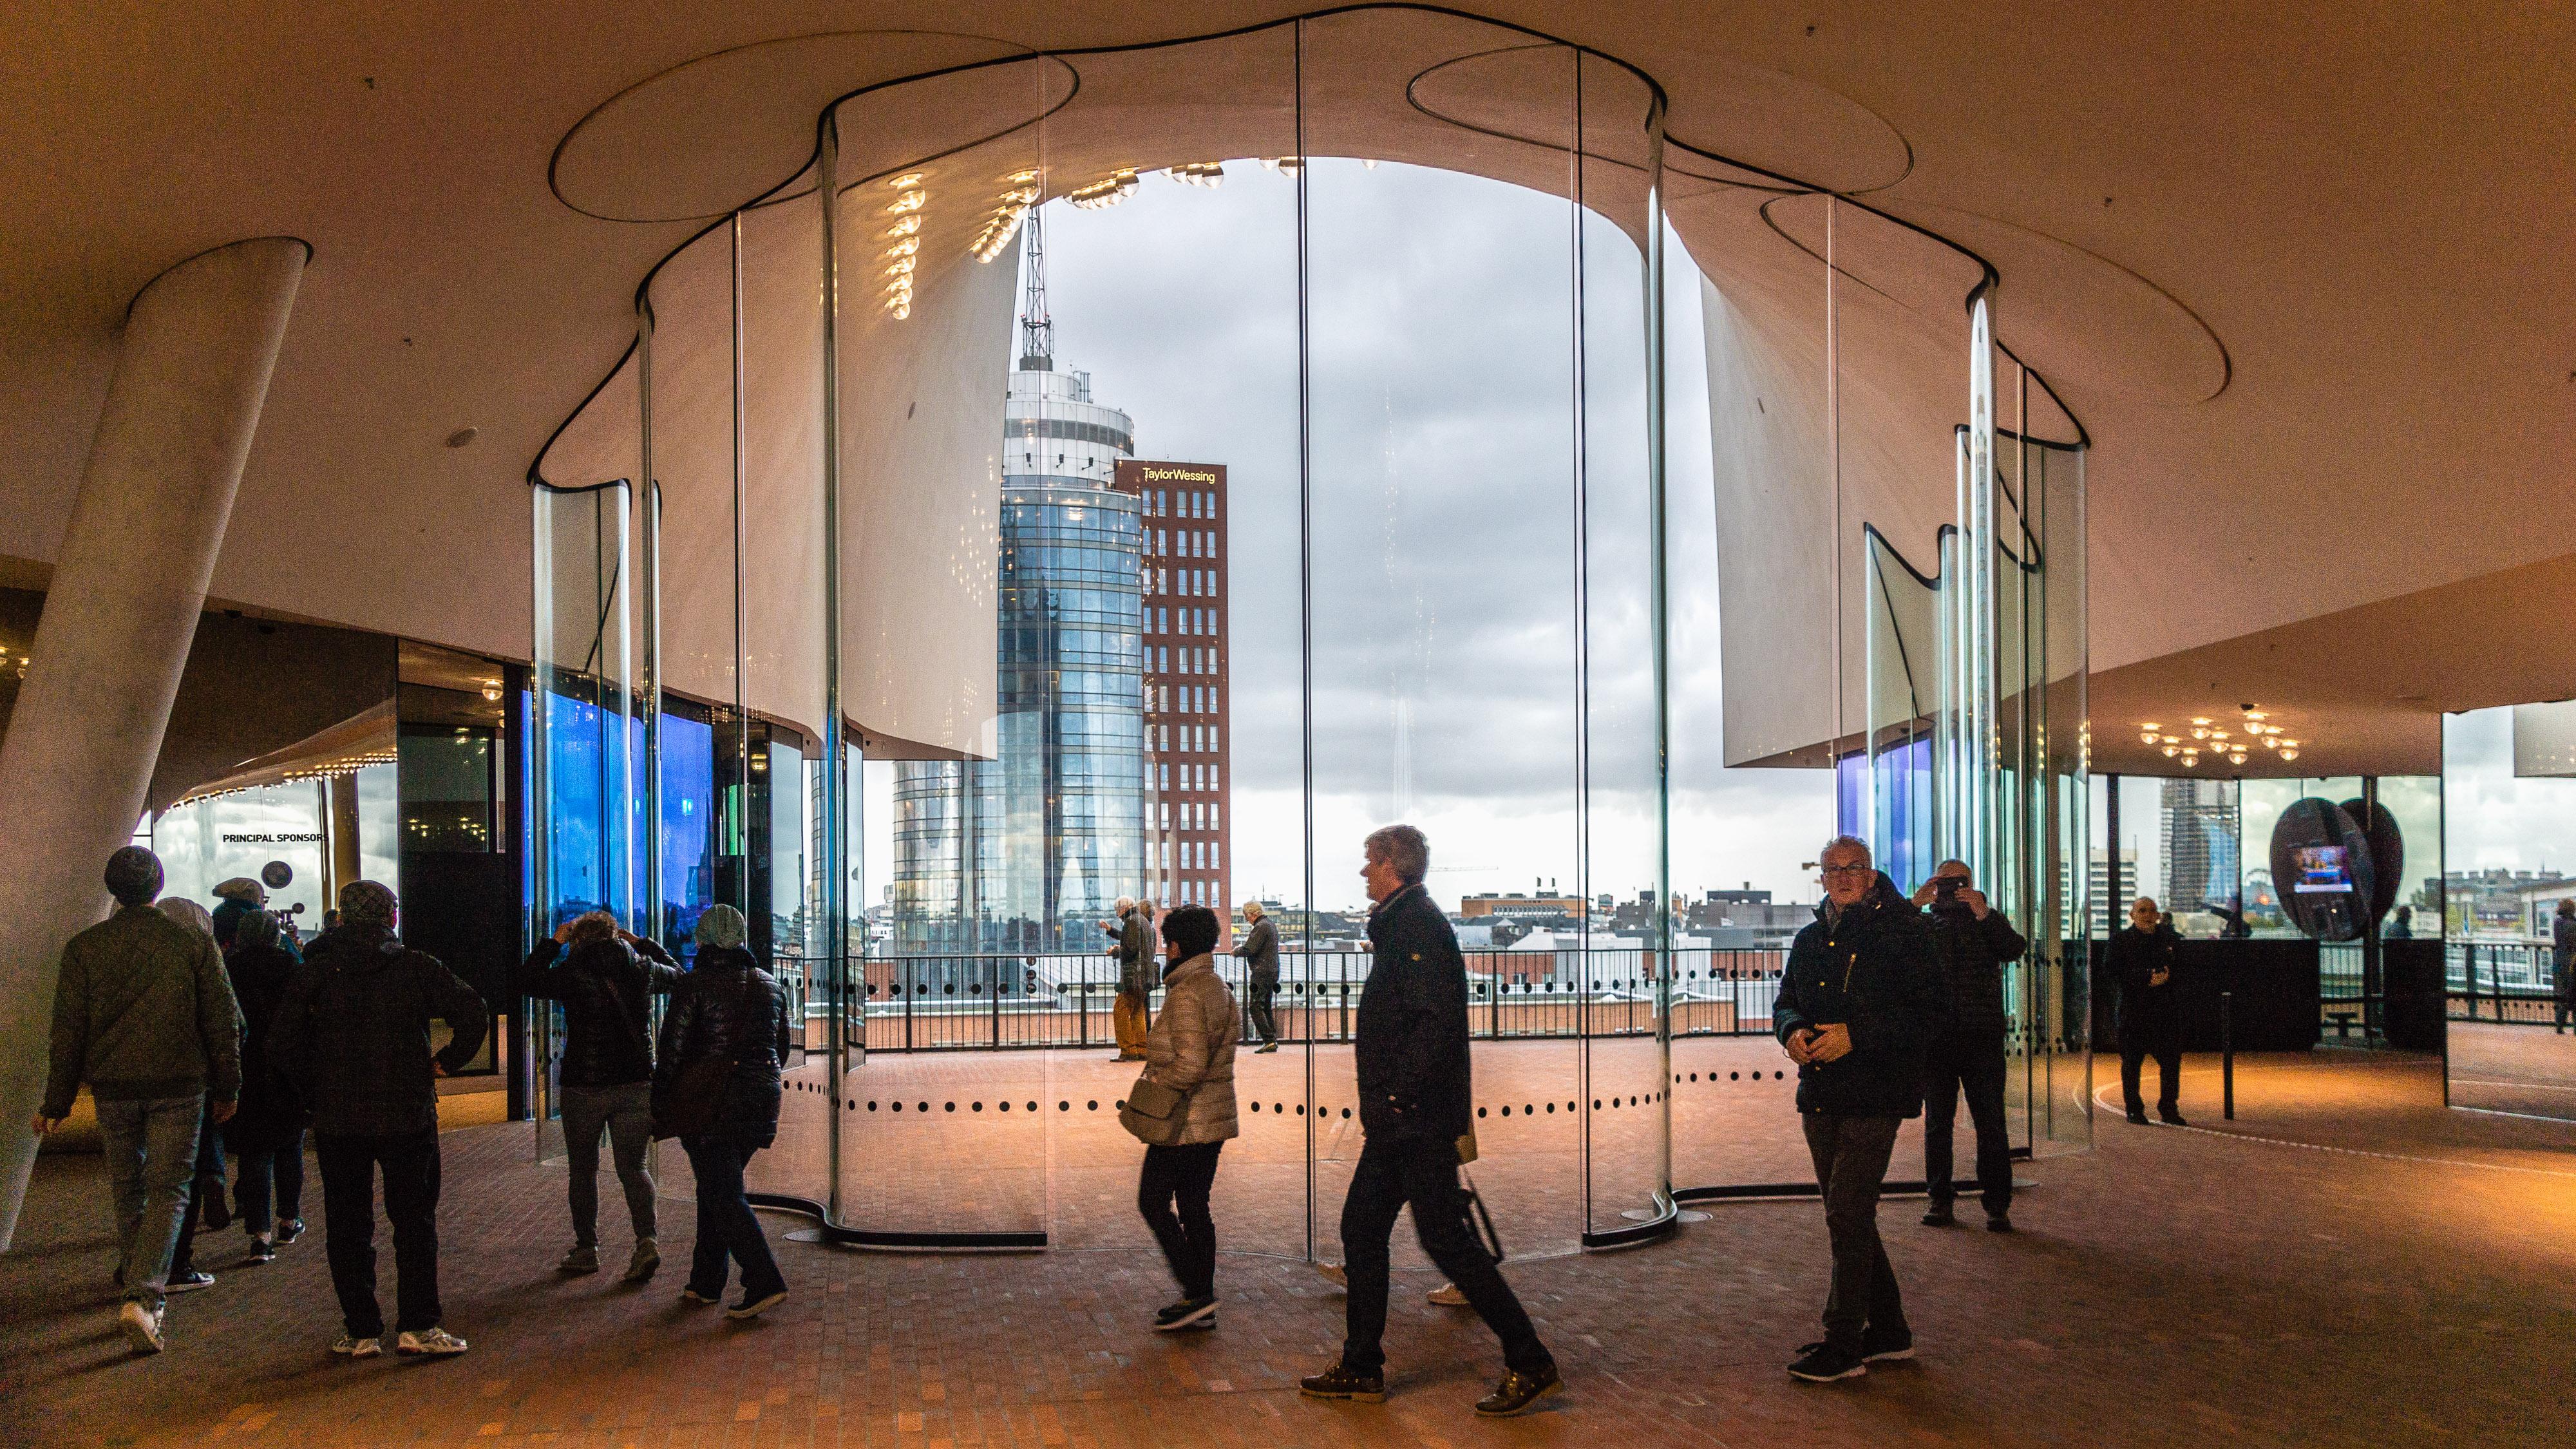 Uitkijkpunten in Hamburg, Elbphilharmonie | foto door Wilfried Schnetzler